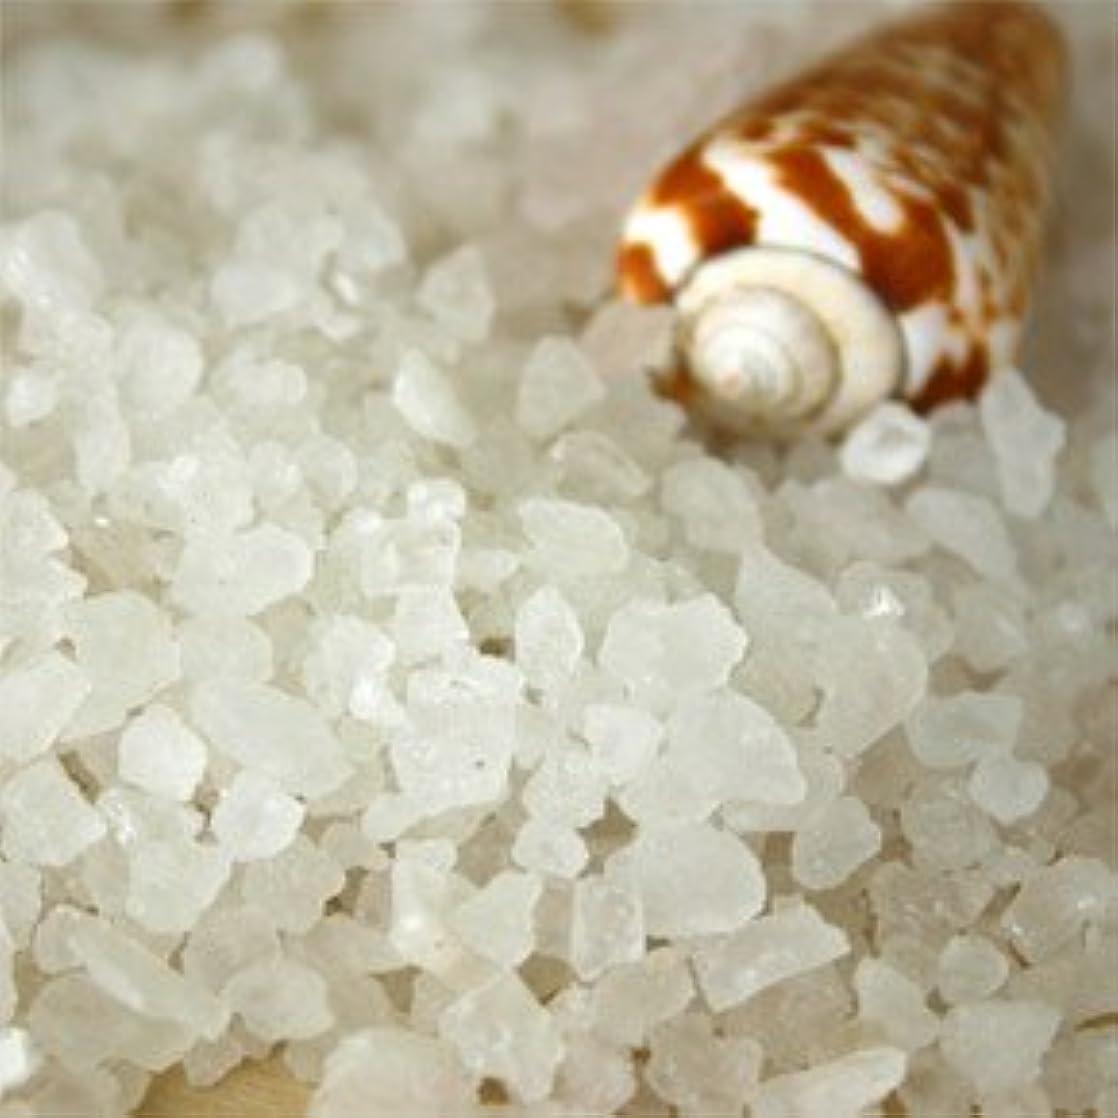 締め切りスクラップ去るHerbs : Sea Salt ( Coarse )